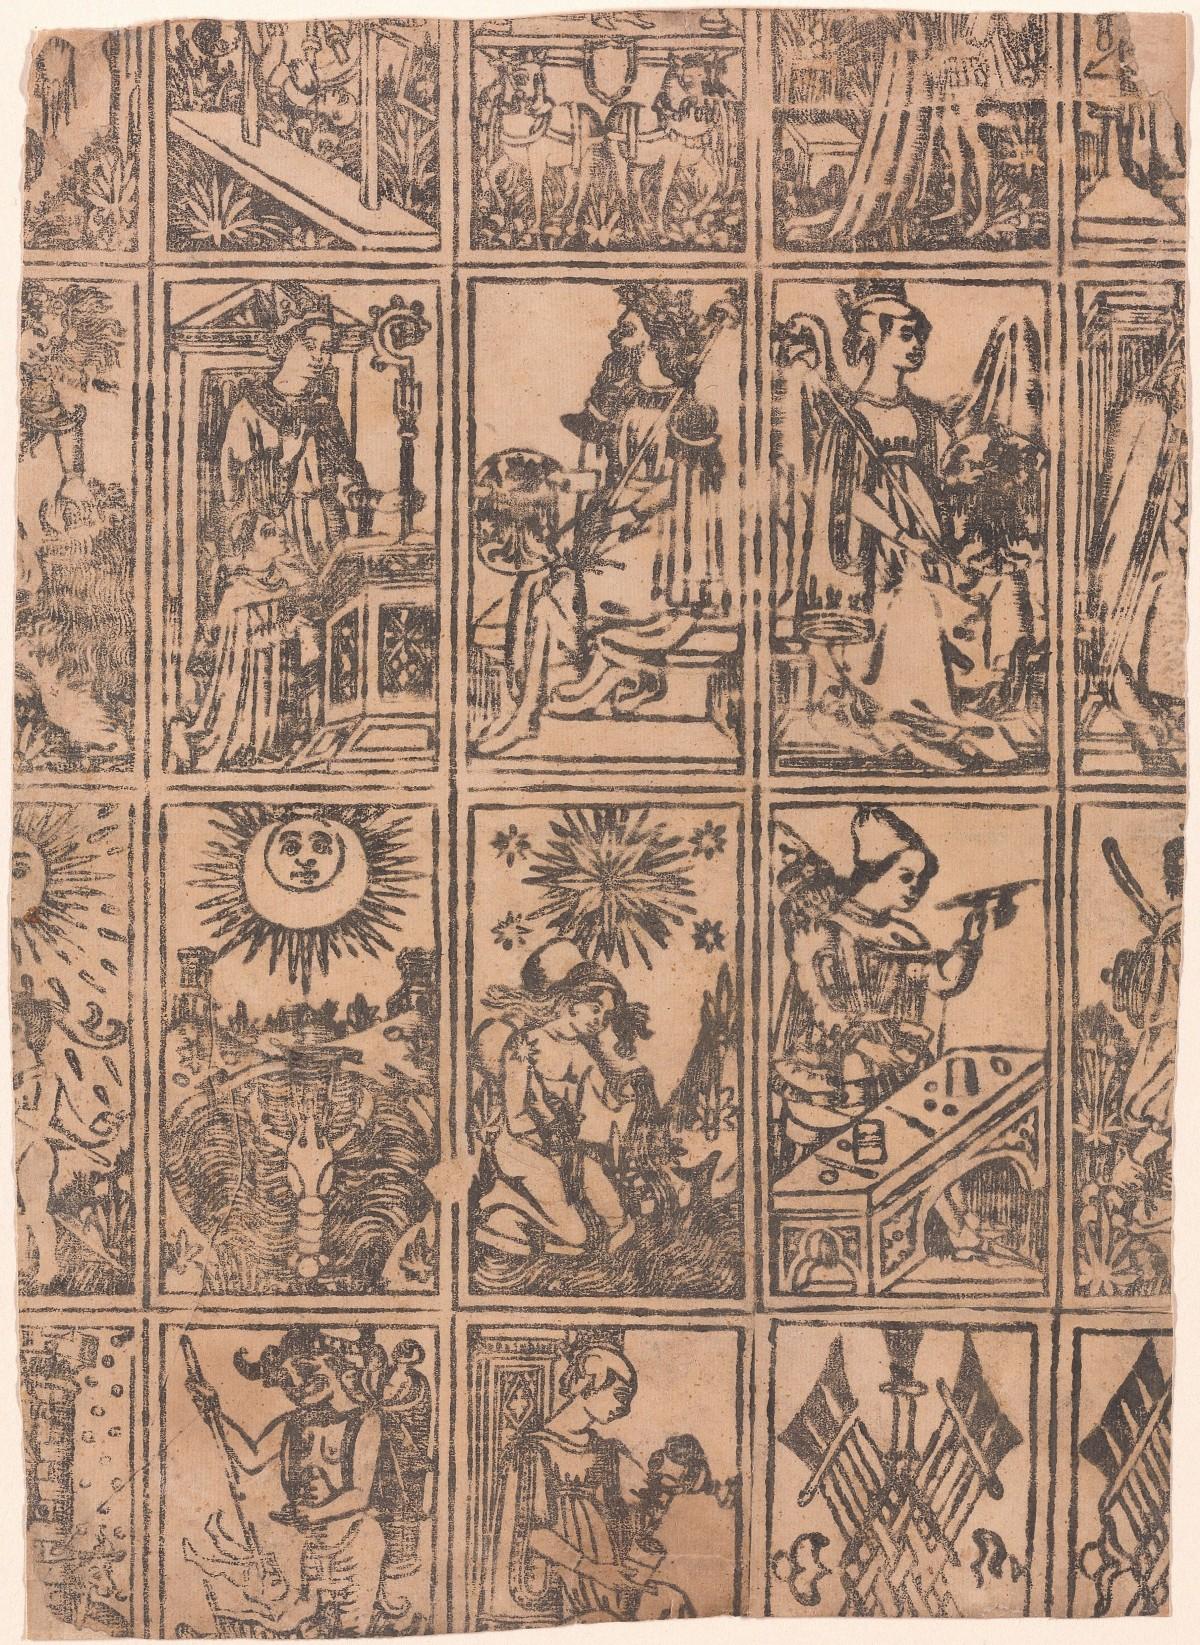 Milan 1500 tarot deck all on one sheet